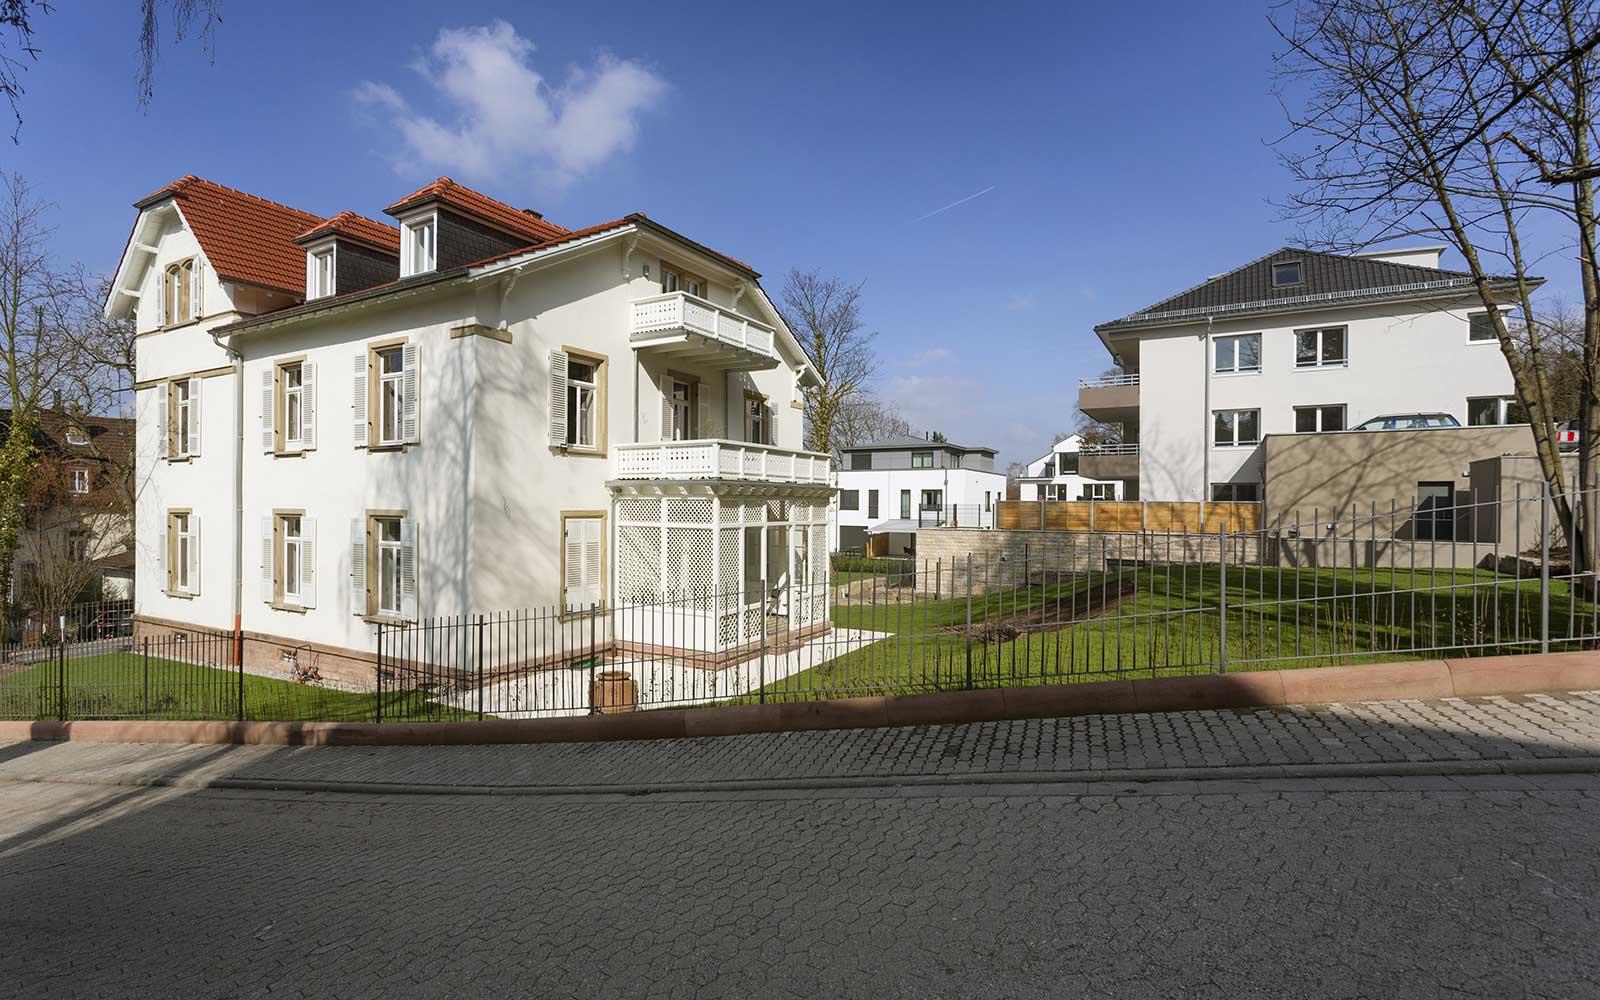 Doppelhaushälften in der Weststadt, Kochhan und Weckbach Architekten Heidelberg